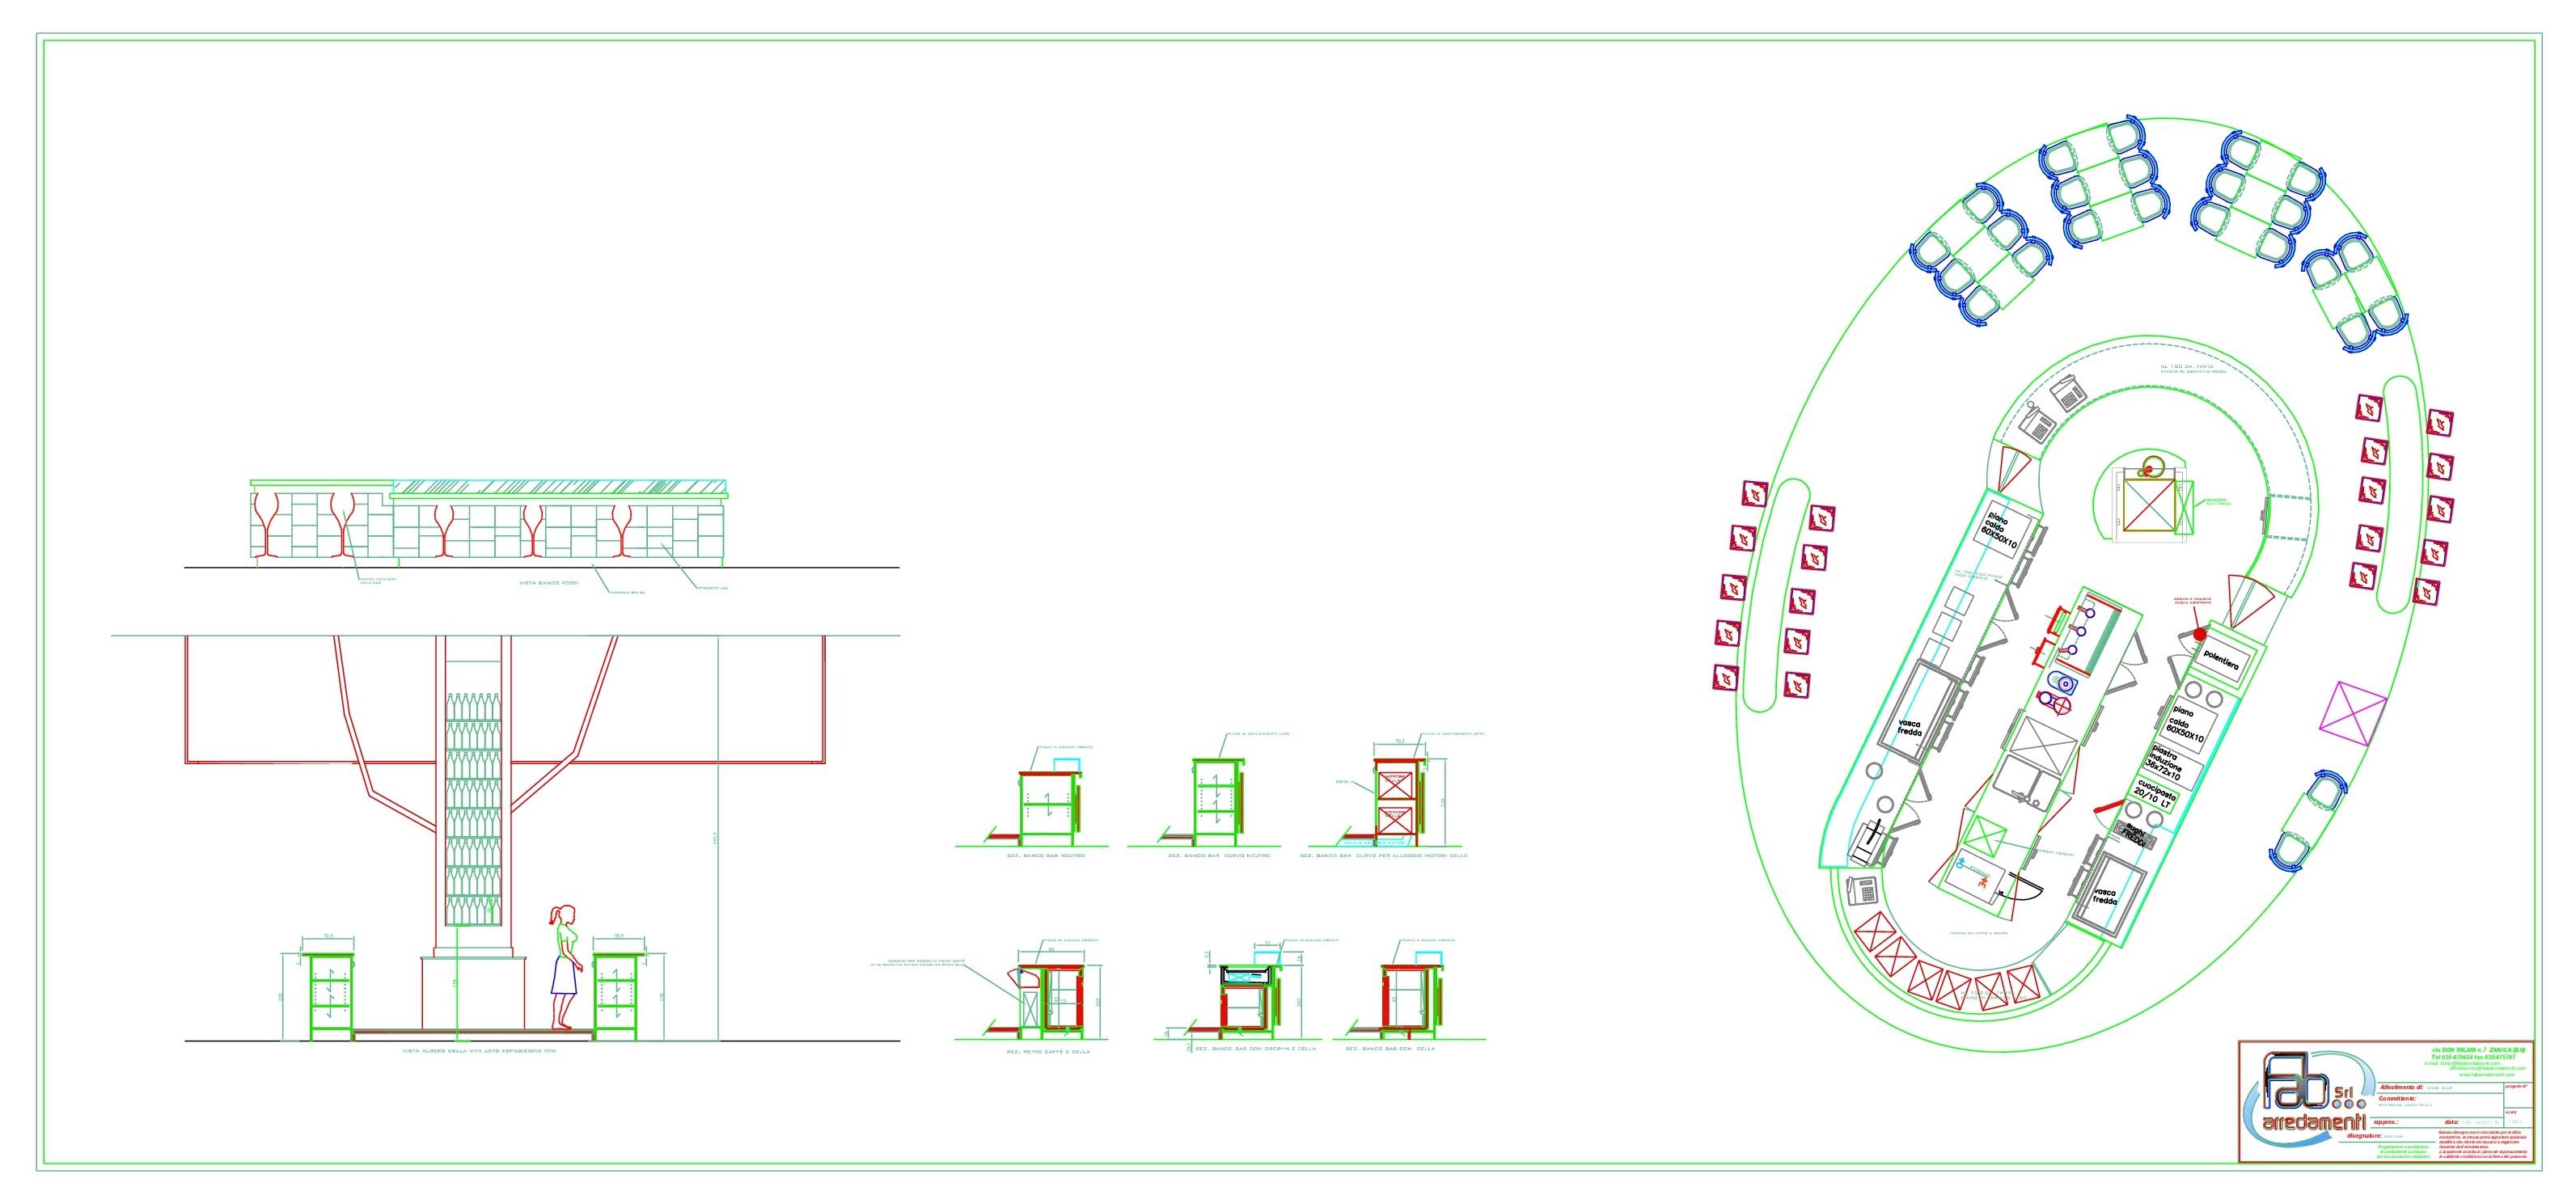 Piantina della realizzazione del Ristorante Wine Gate 11 presso l'Aeroporto di Orio al Serio